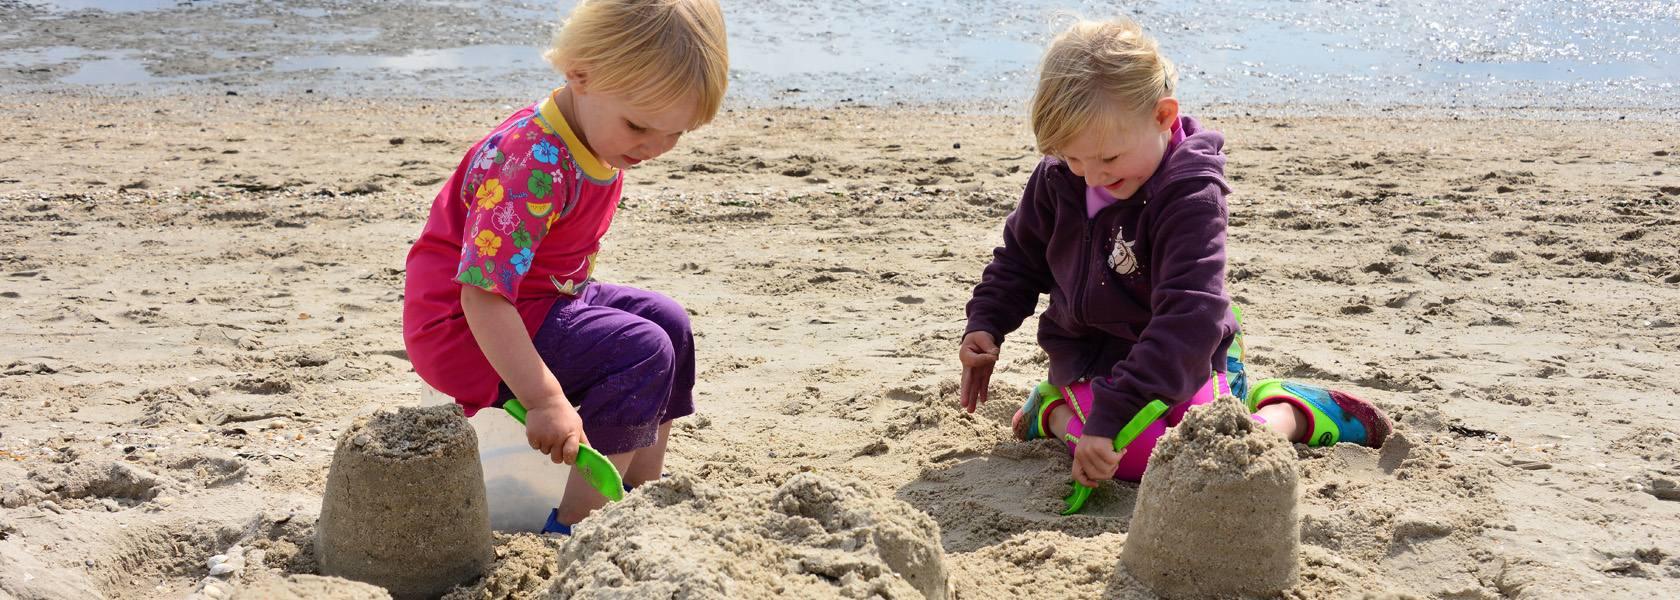 Kinder am Strand, © Beate Ulich / Die Nordsee GmbH